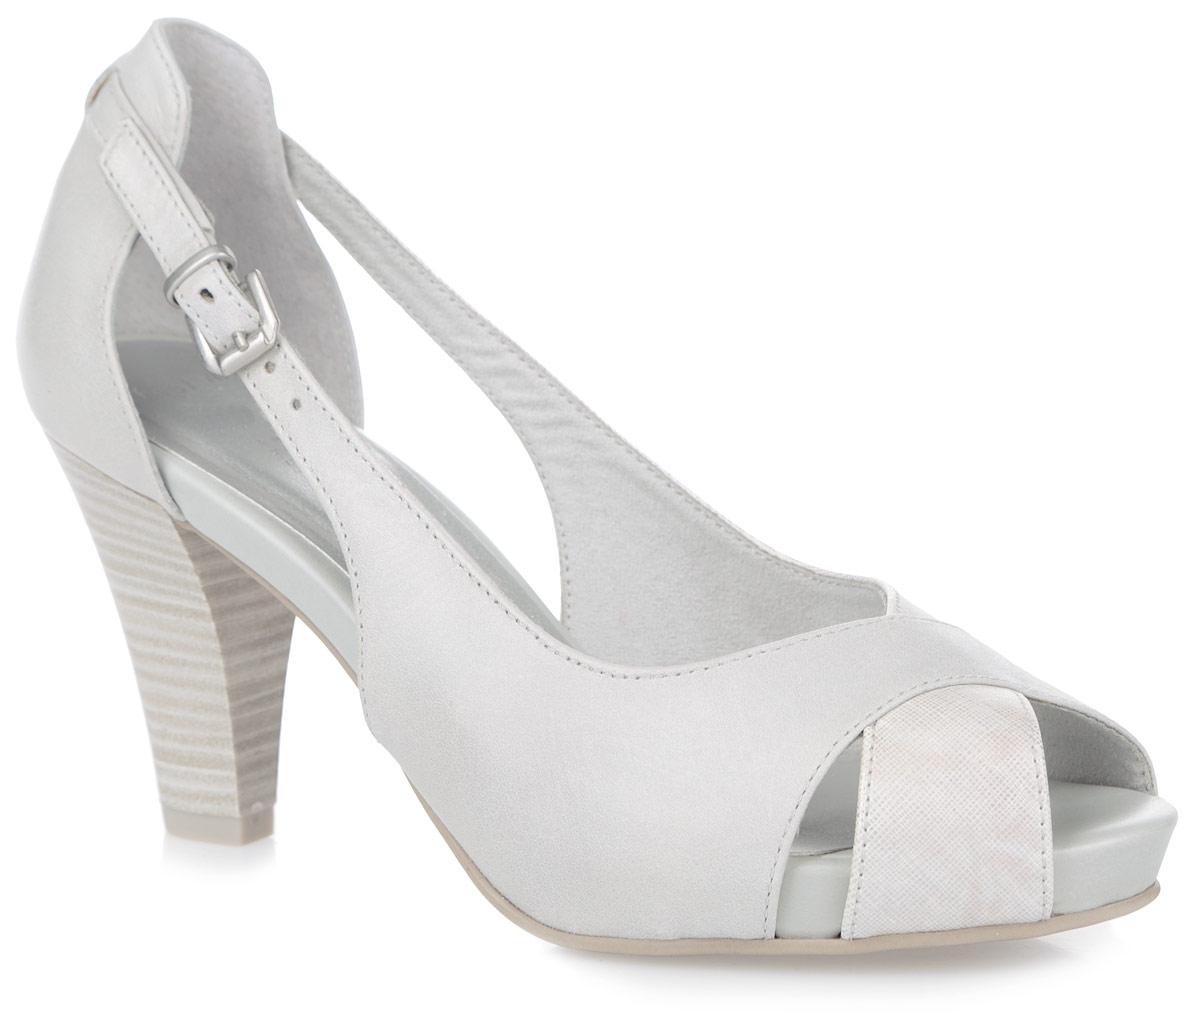 2-2-29300-26-213Потрясающие туфли от Marco Tozzi не оставят равнодушной настоящую модницу! Модель выполнена из натуральной и искусственной кожи. Ремешок с металлической пряжкой, дополненный резинкой, отвечает за надежную фиксацию изделия на ноге. Длина ремешка регулируется за счет болта. Открытый носок смотрится невероятно женственно. Стелька из искусственной кожи гарантирует комфорт при ходьбе. Высокий каблук-столбик, стилизованный под дерево, компенсирован платформой. Подошва с рифлением обеспечивает идеальное сцепление с любыми поверхностями. Элегантные туфли внесут изысканные нотки в ваш образ и подчеркнут вашу утонченную натуру.